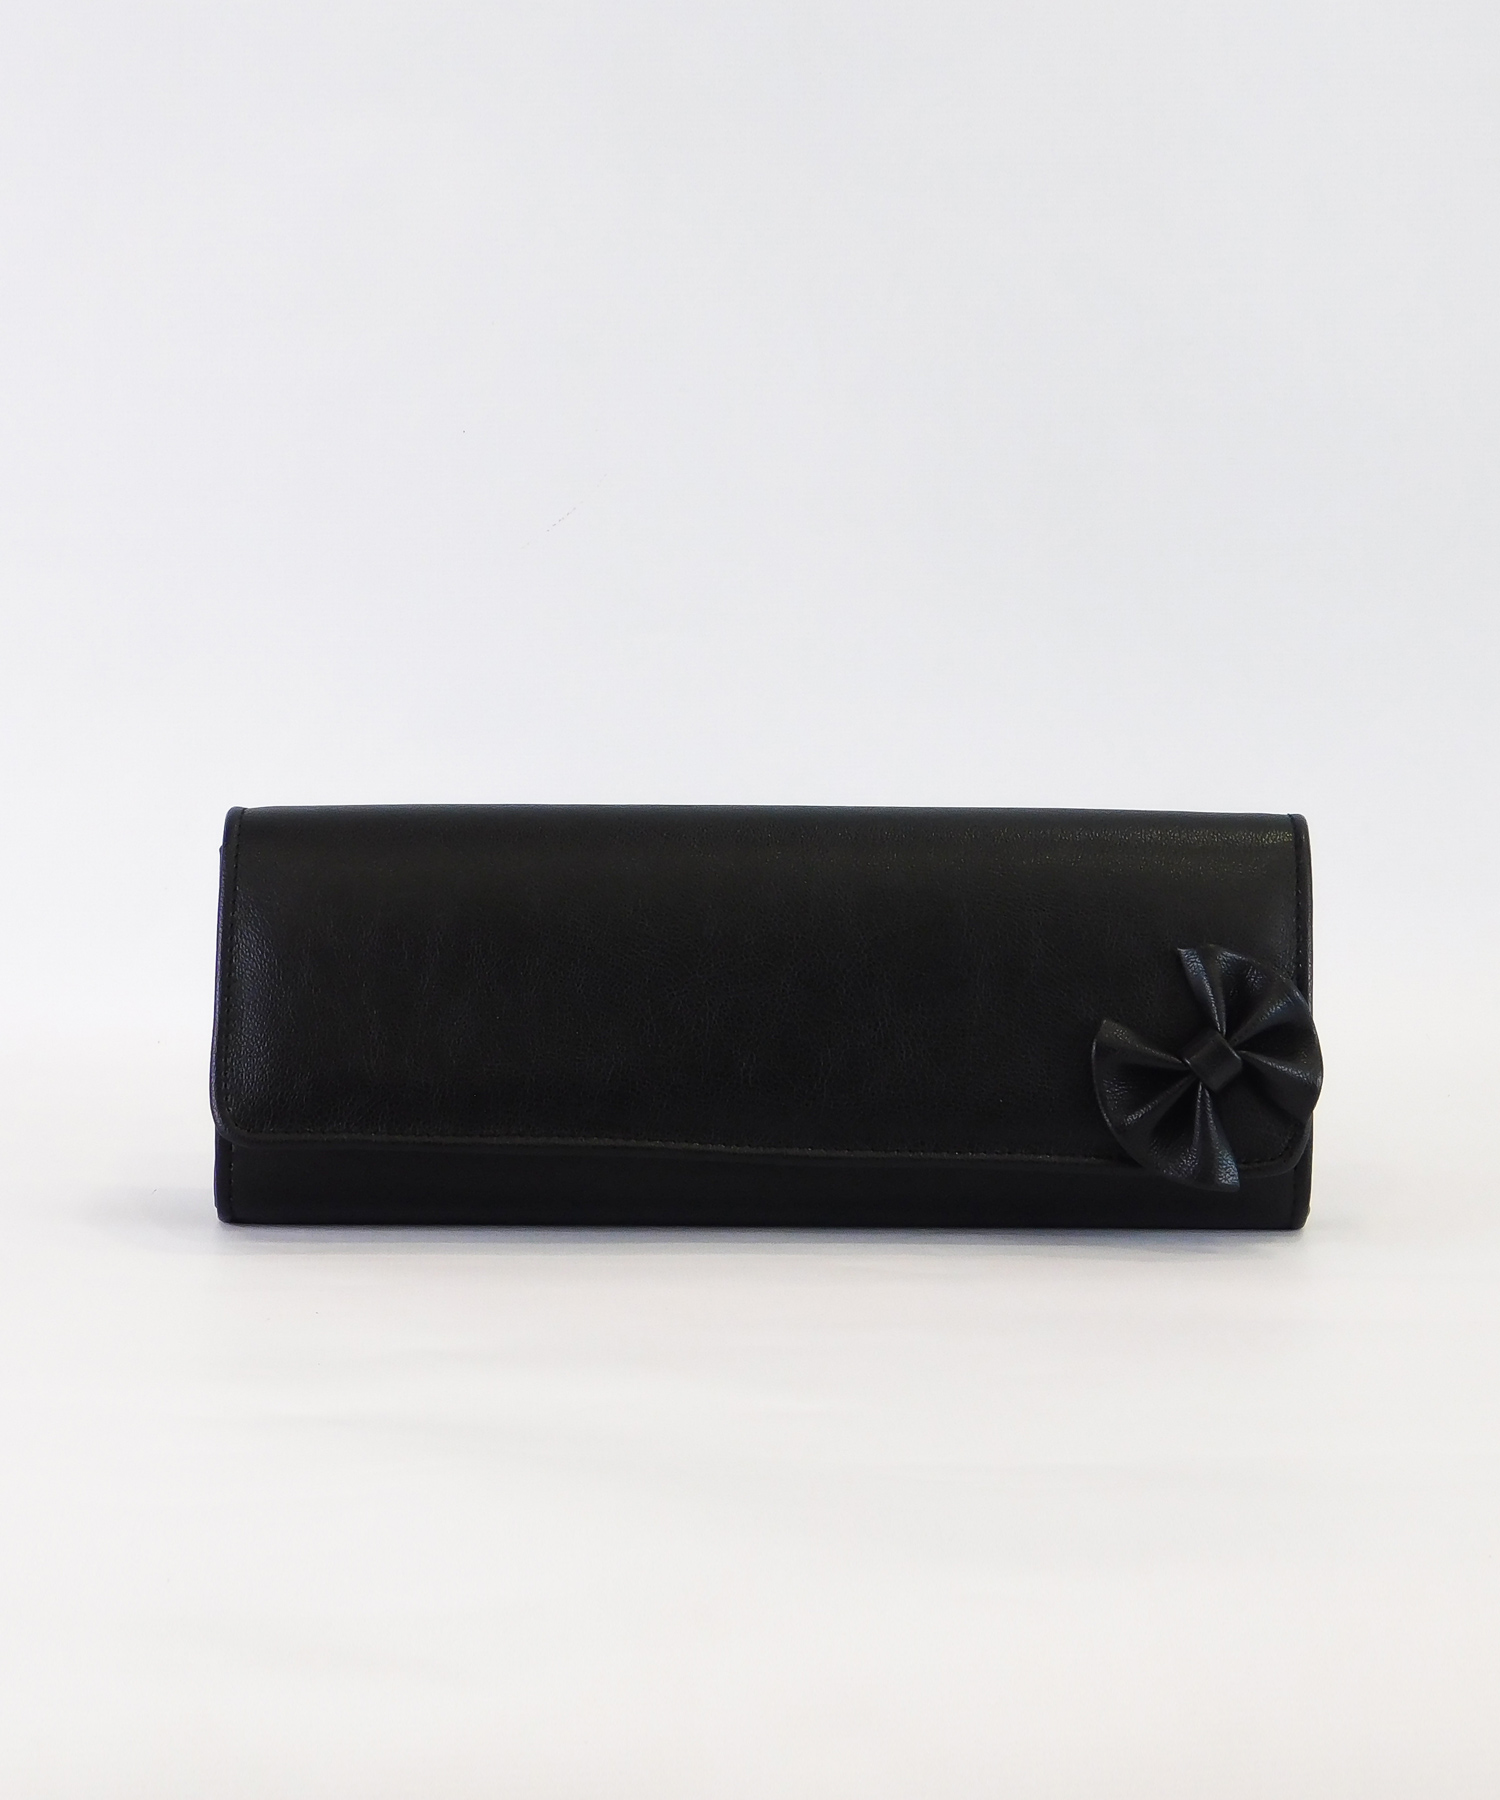 Φάκελος Μαύρος με Φιόγκο